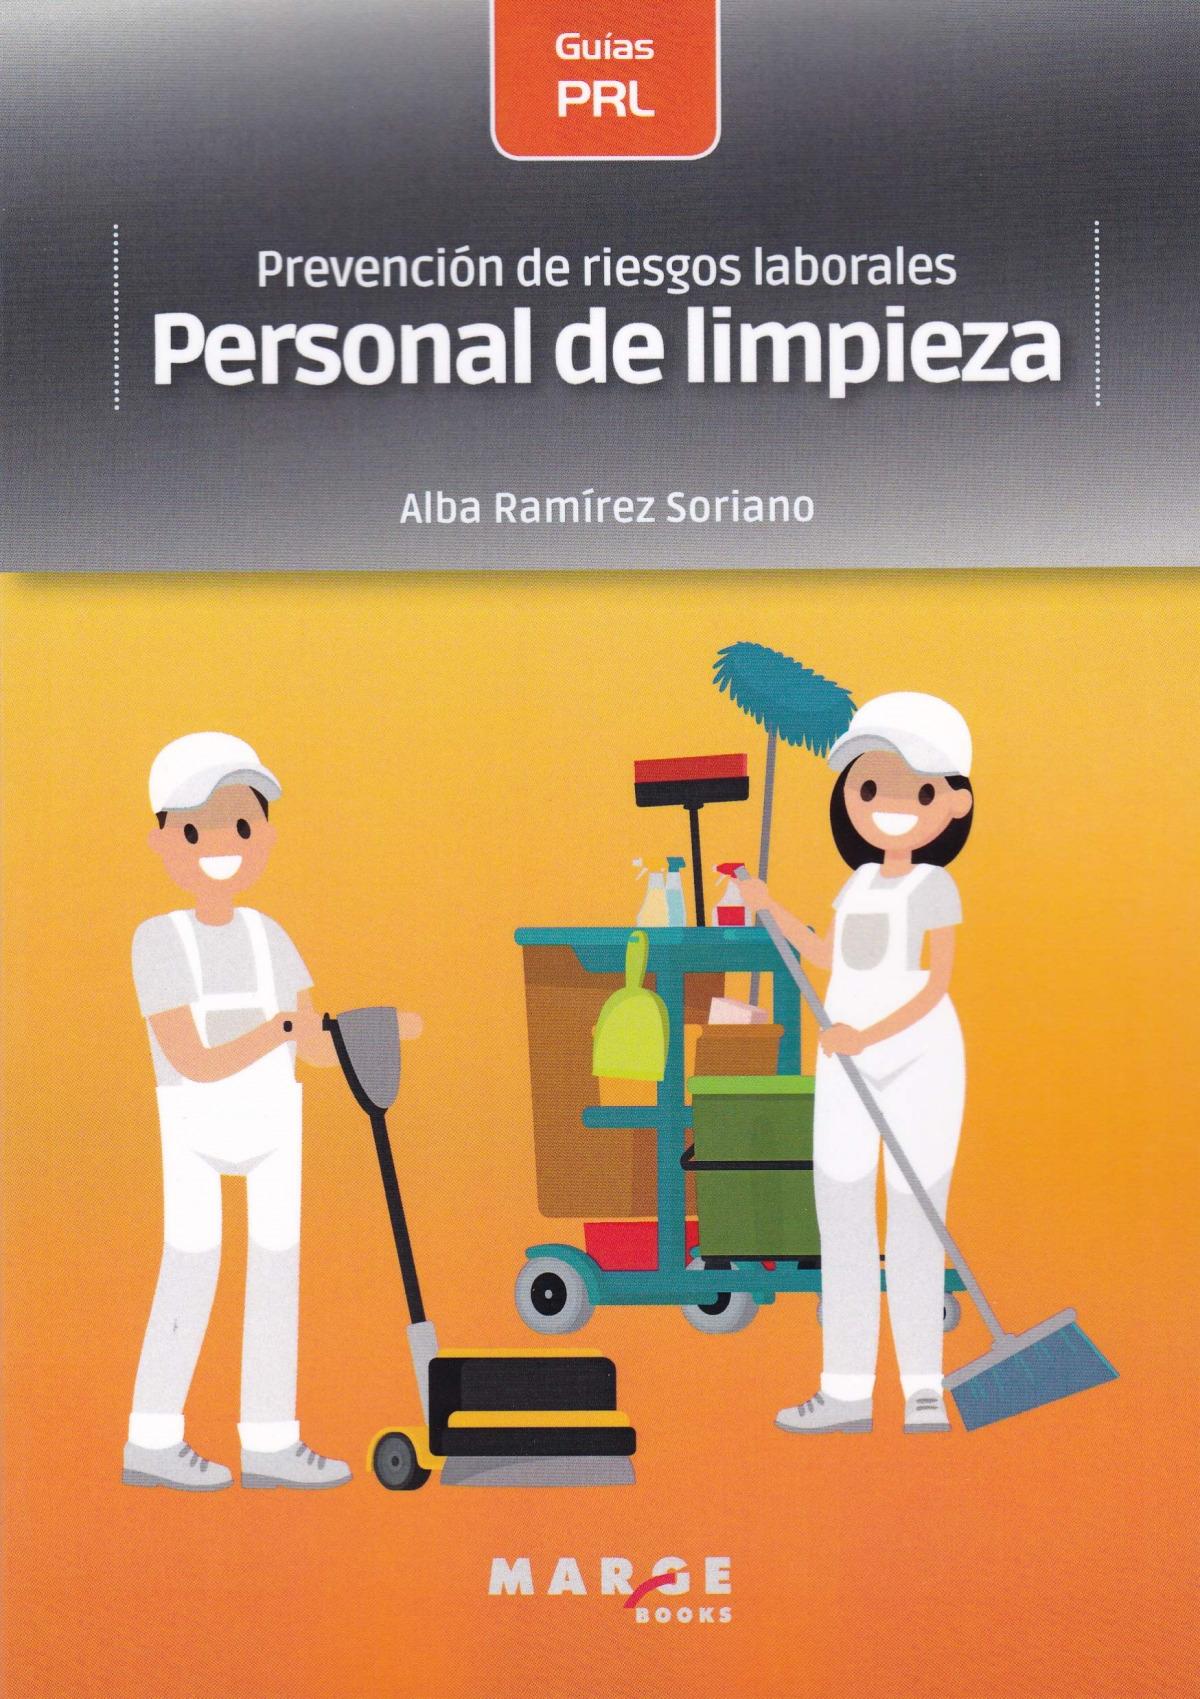 PREVENCIÓN DE RIESTOS LABORALES: PERSONAL DE LIMPIEZA